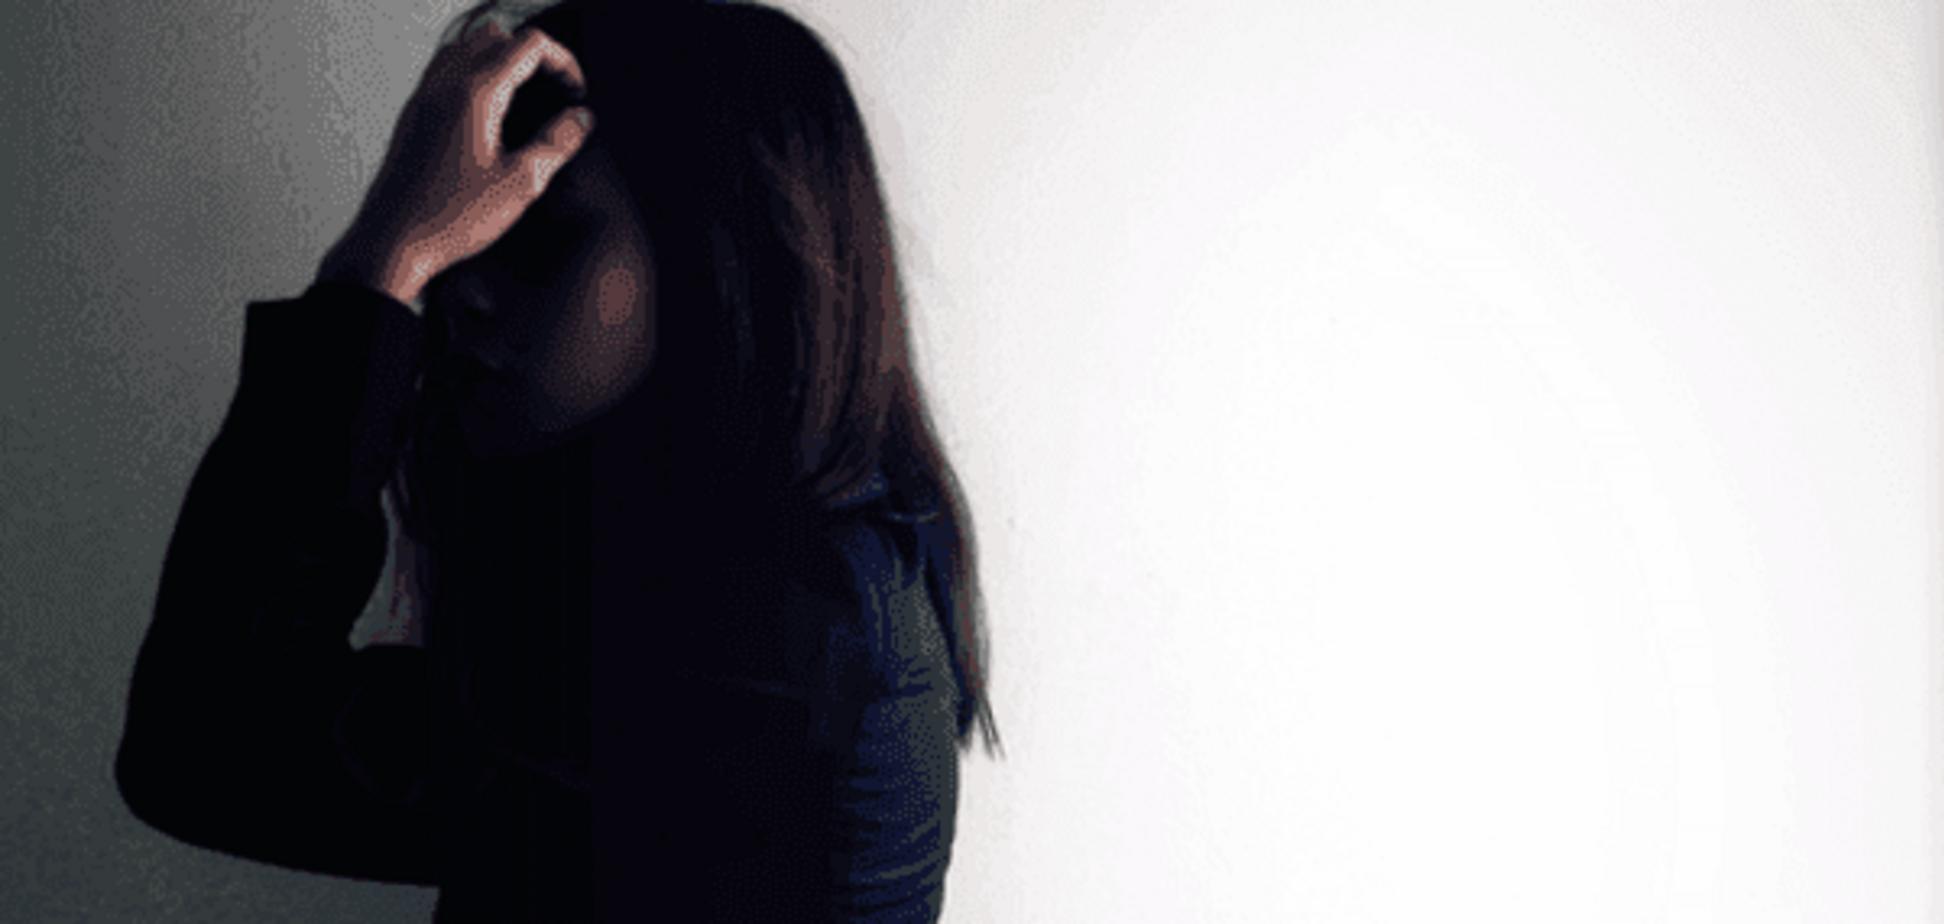 Симптомы депрессии: как выявить болезнь на ранних стадиях